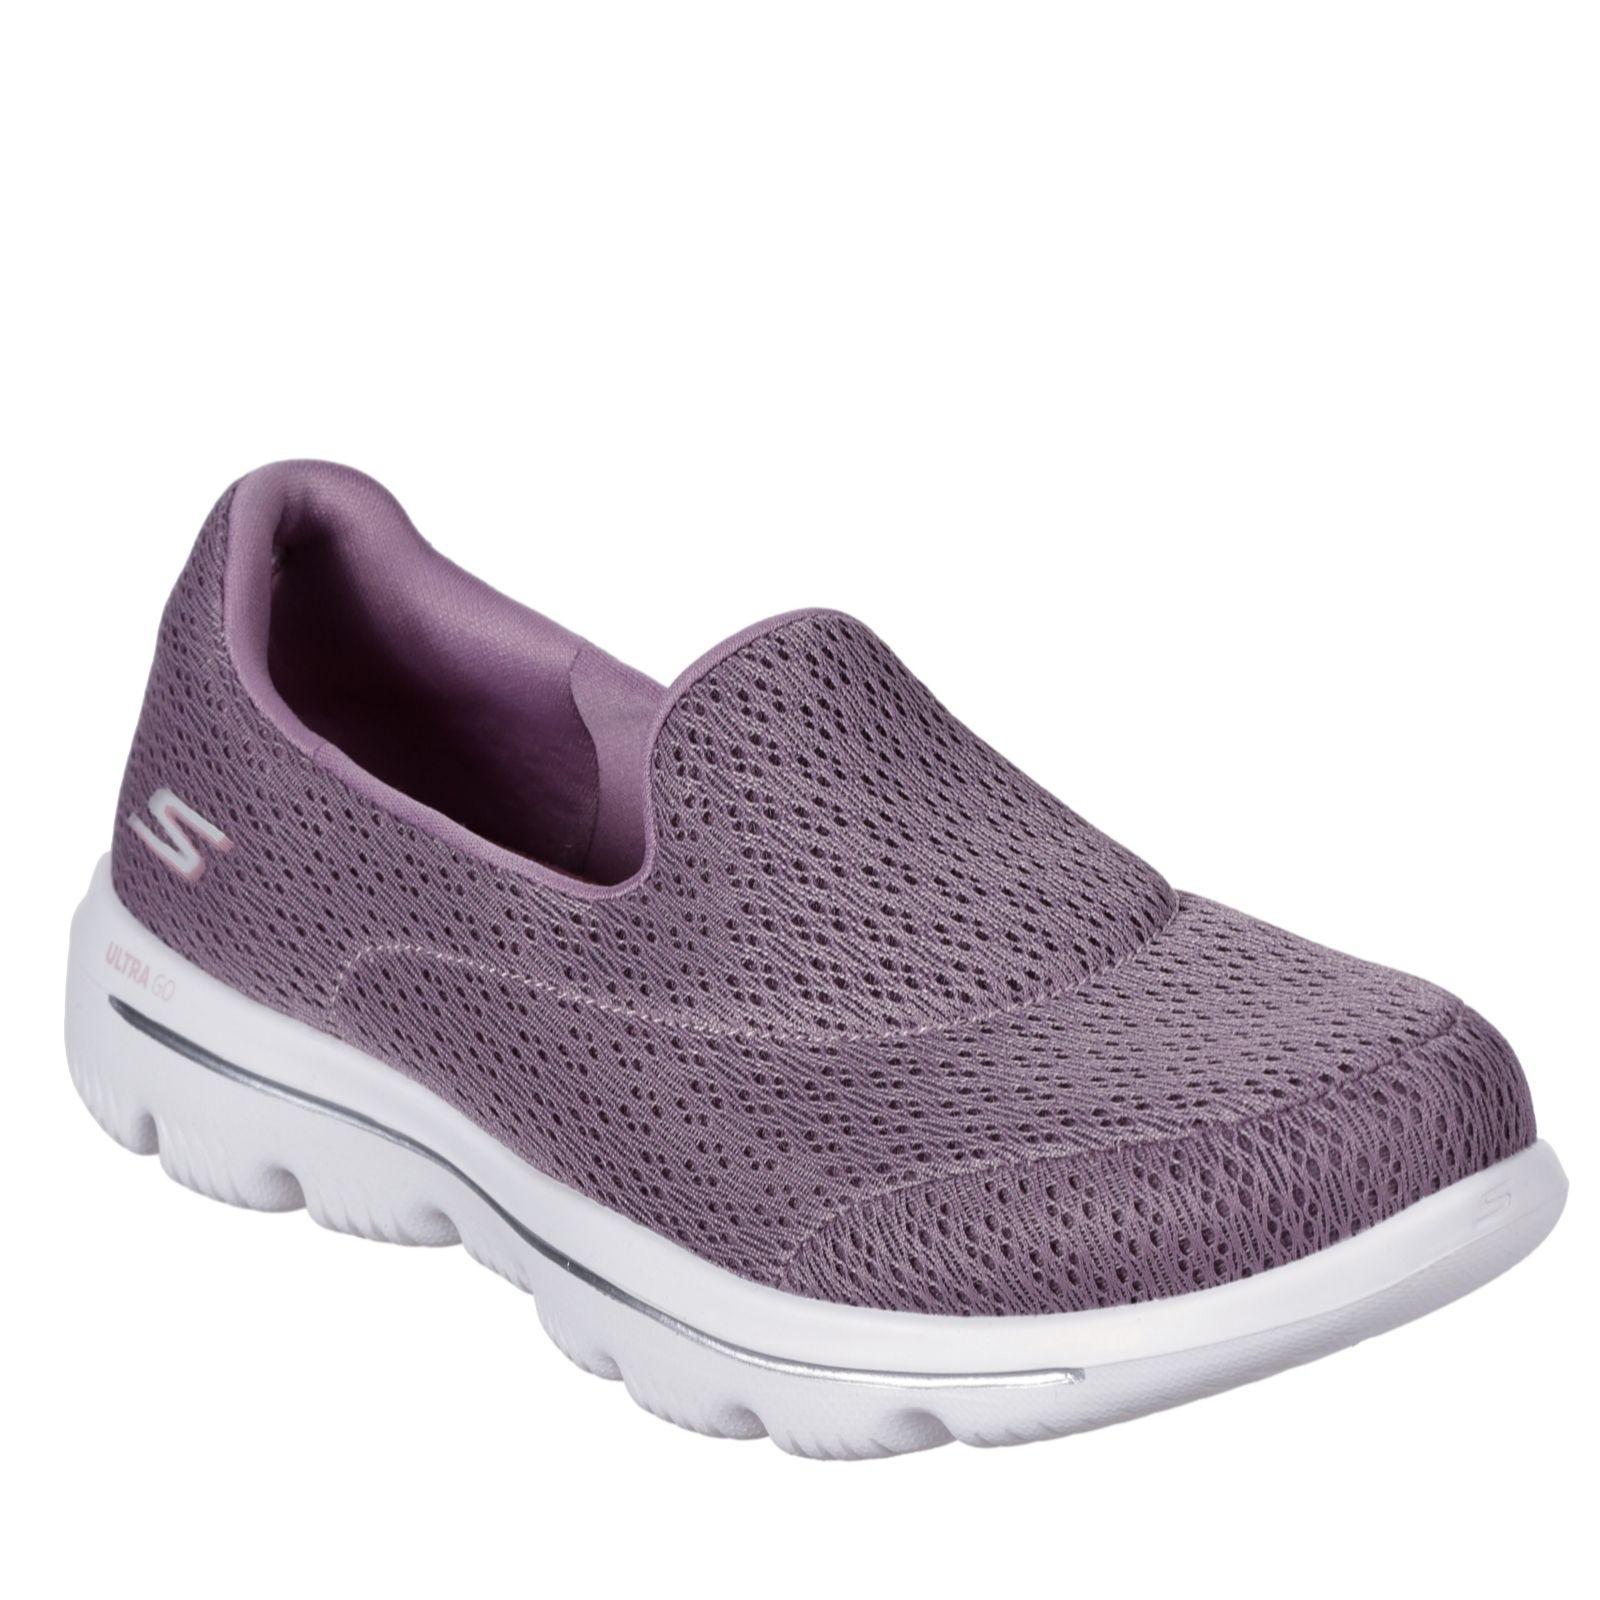 Skechers Go Walk Crochet Slip On Trainer - QVC UK